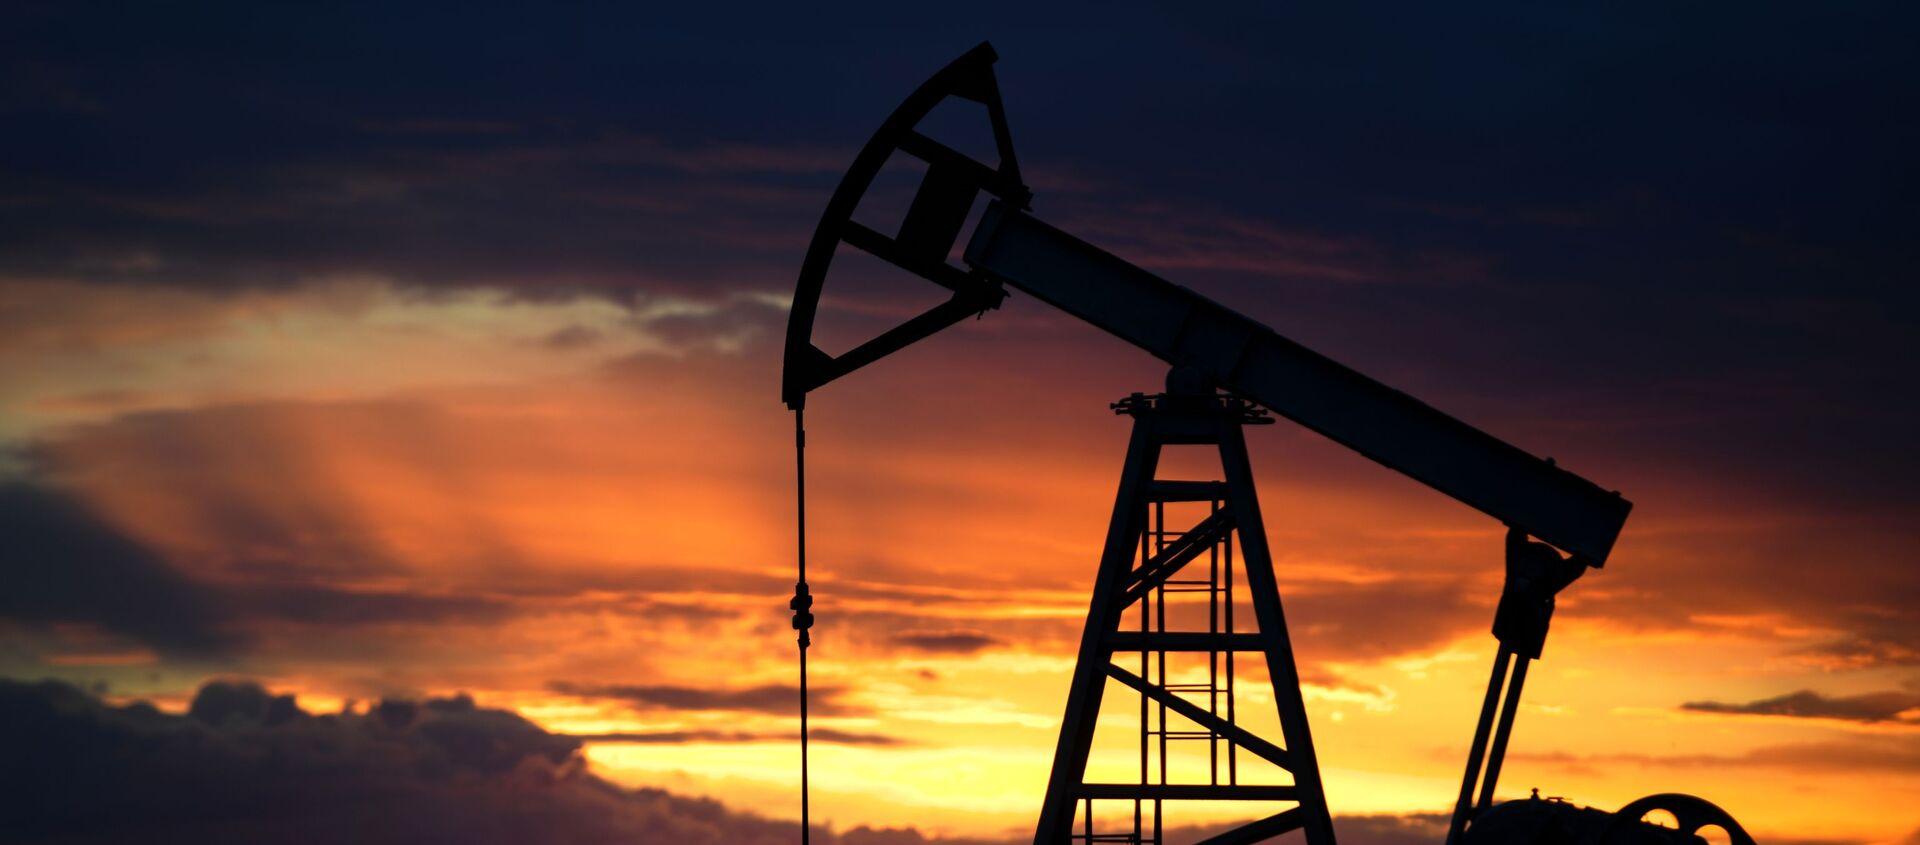 新たな経済危機? 原油は1バレル100ドルを超える バンク・オブ・アメリカ予測 - Sputnik 日本, 1920, 04.10.2021